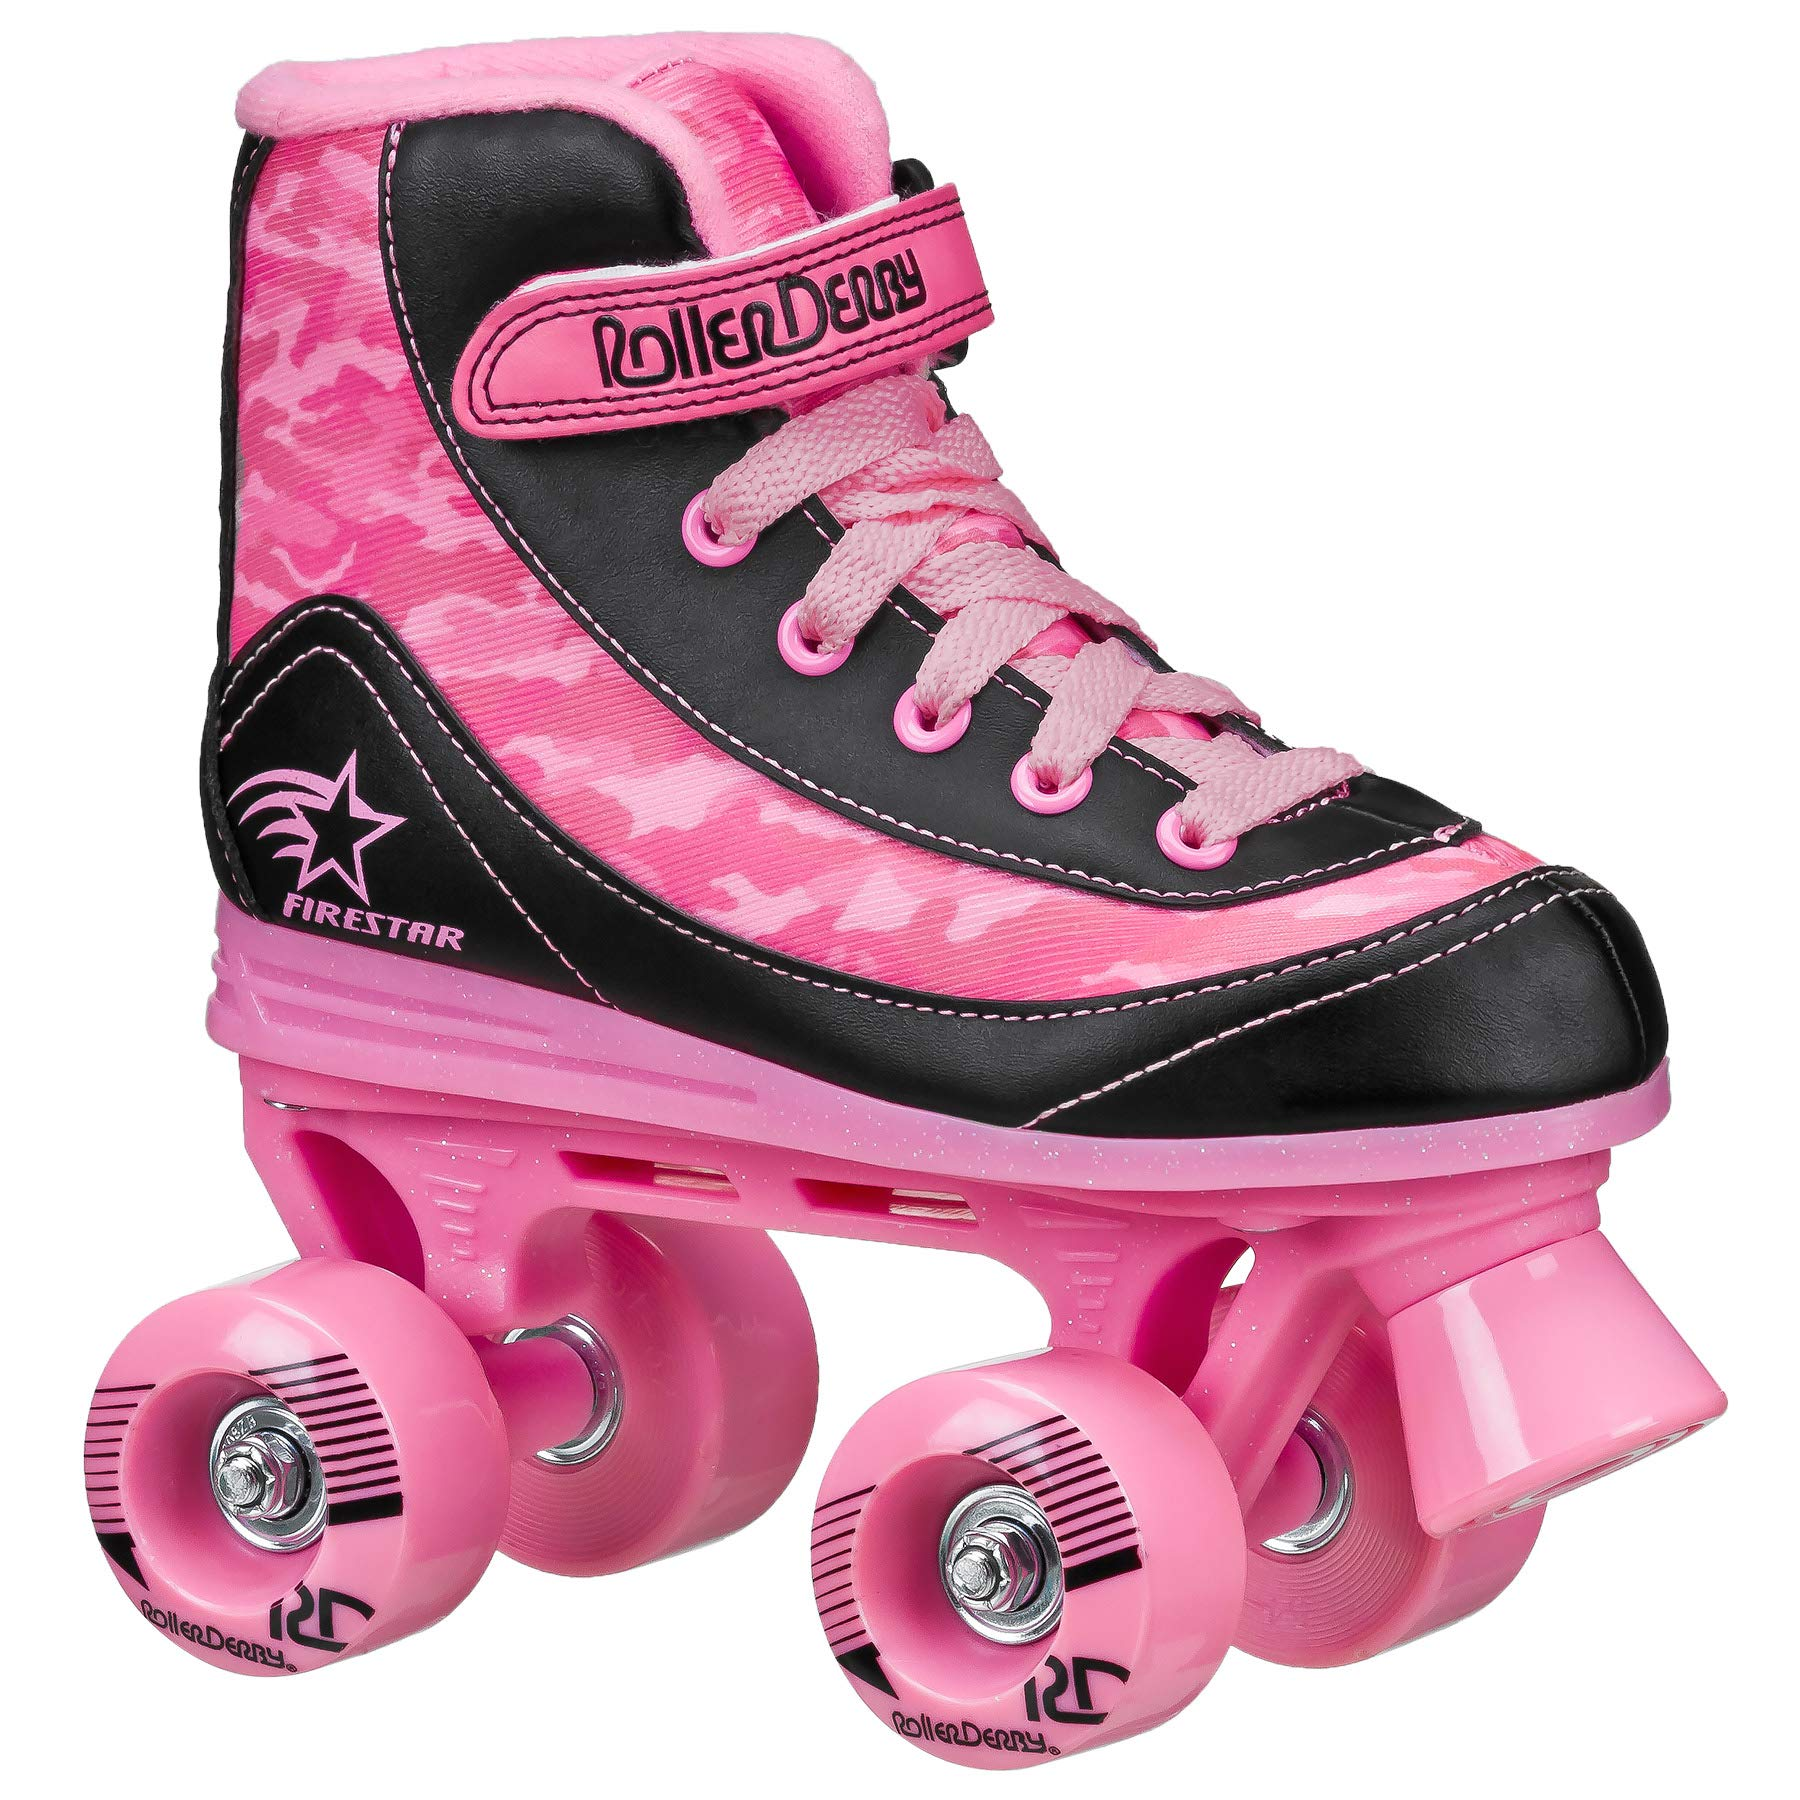 FireStar Youth Girl's Roller Skate (Pink Camo, 2)